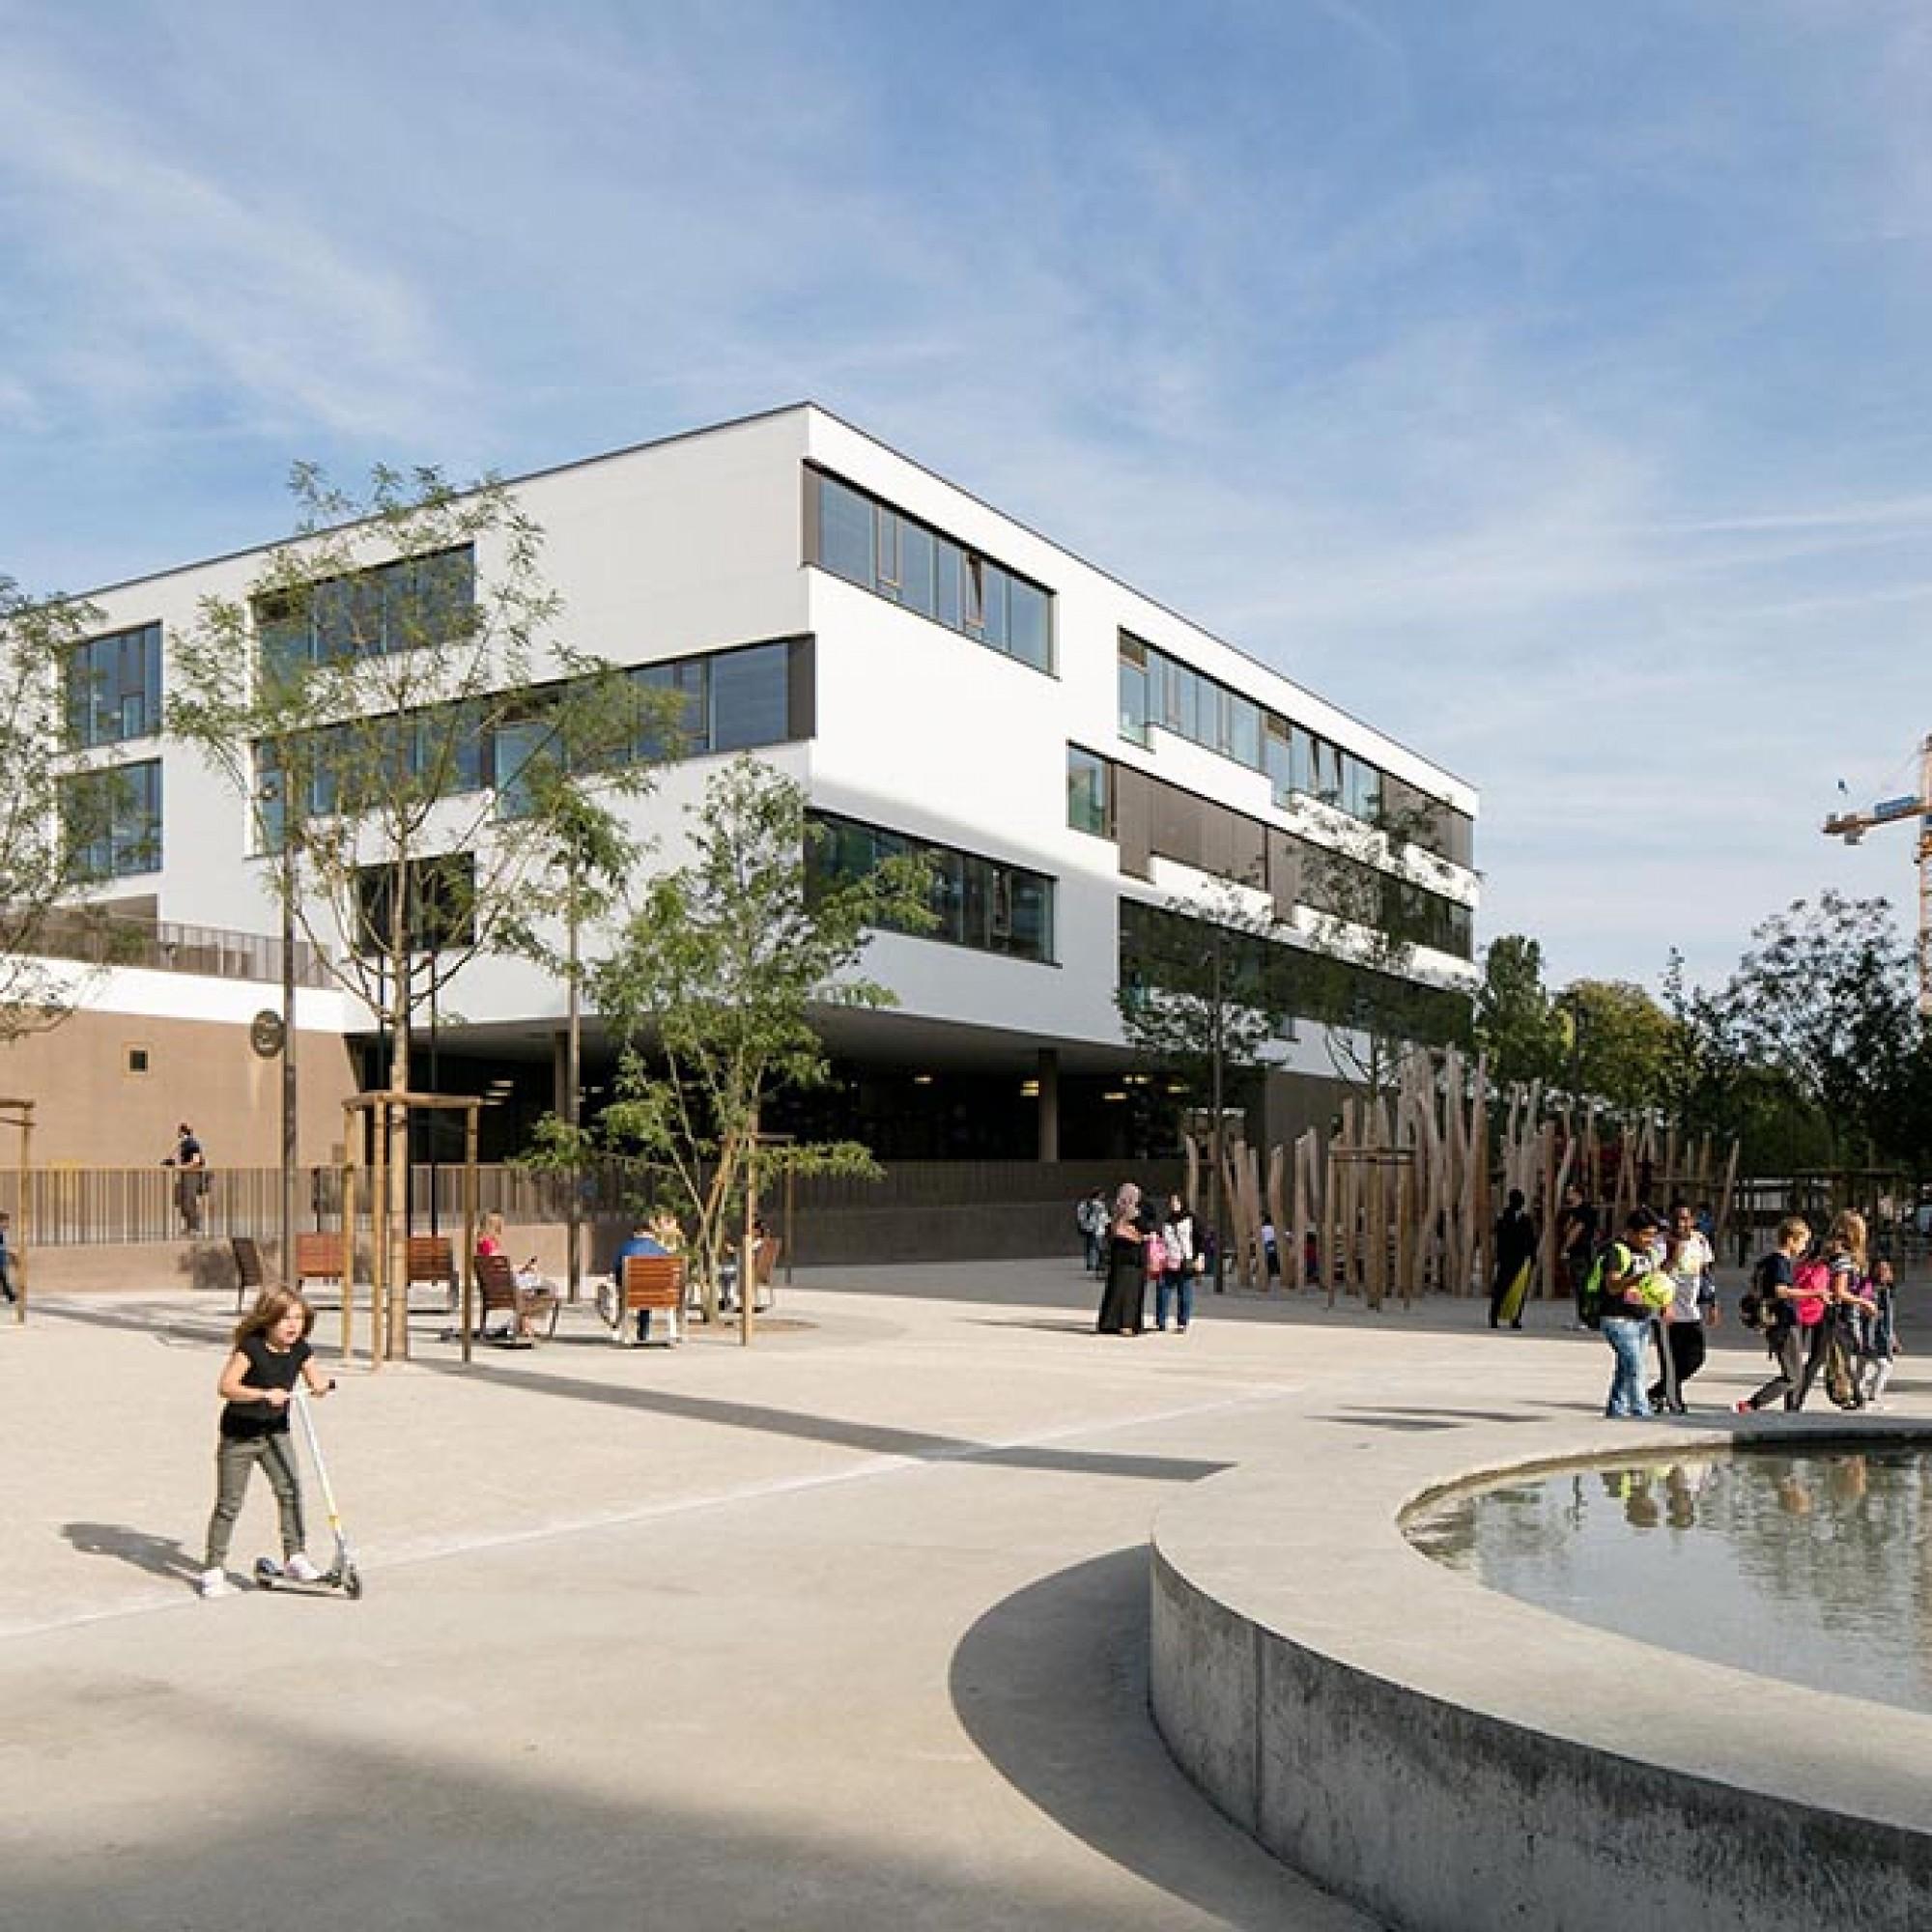 Le projet «Ecole, crèche, piscine et espace public de Chandieu», réalisé par le bureau d'architectes genevois Bonnet & cie a été particulièrement apprécié. (Image 2 sur 4) Yves André